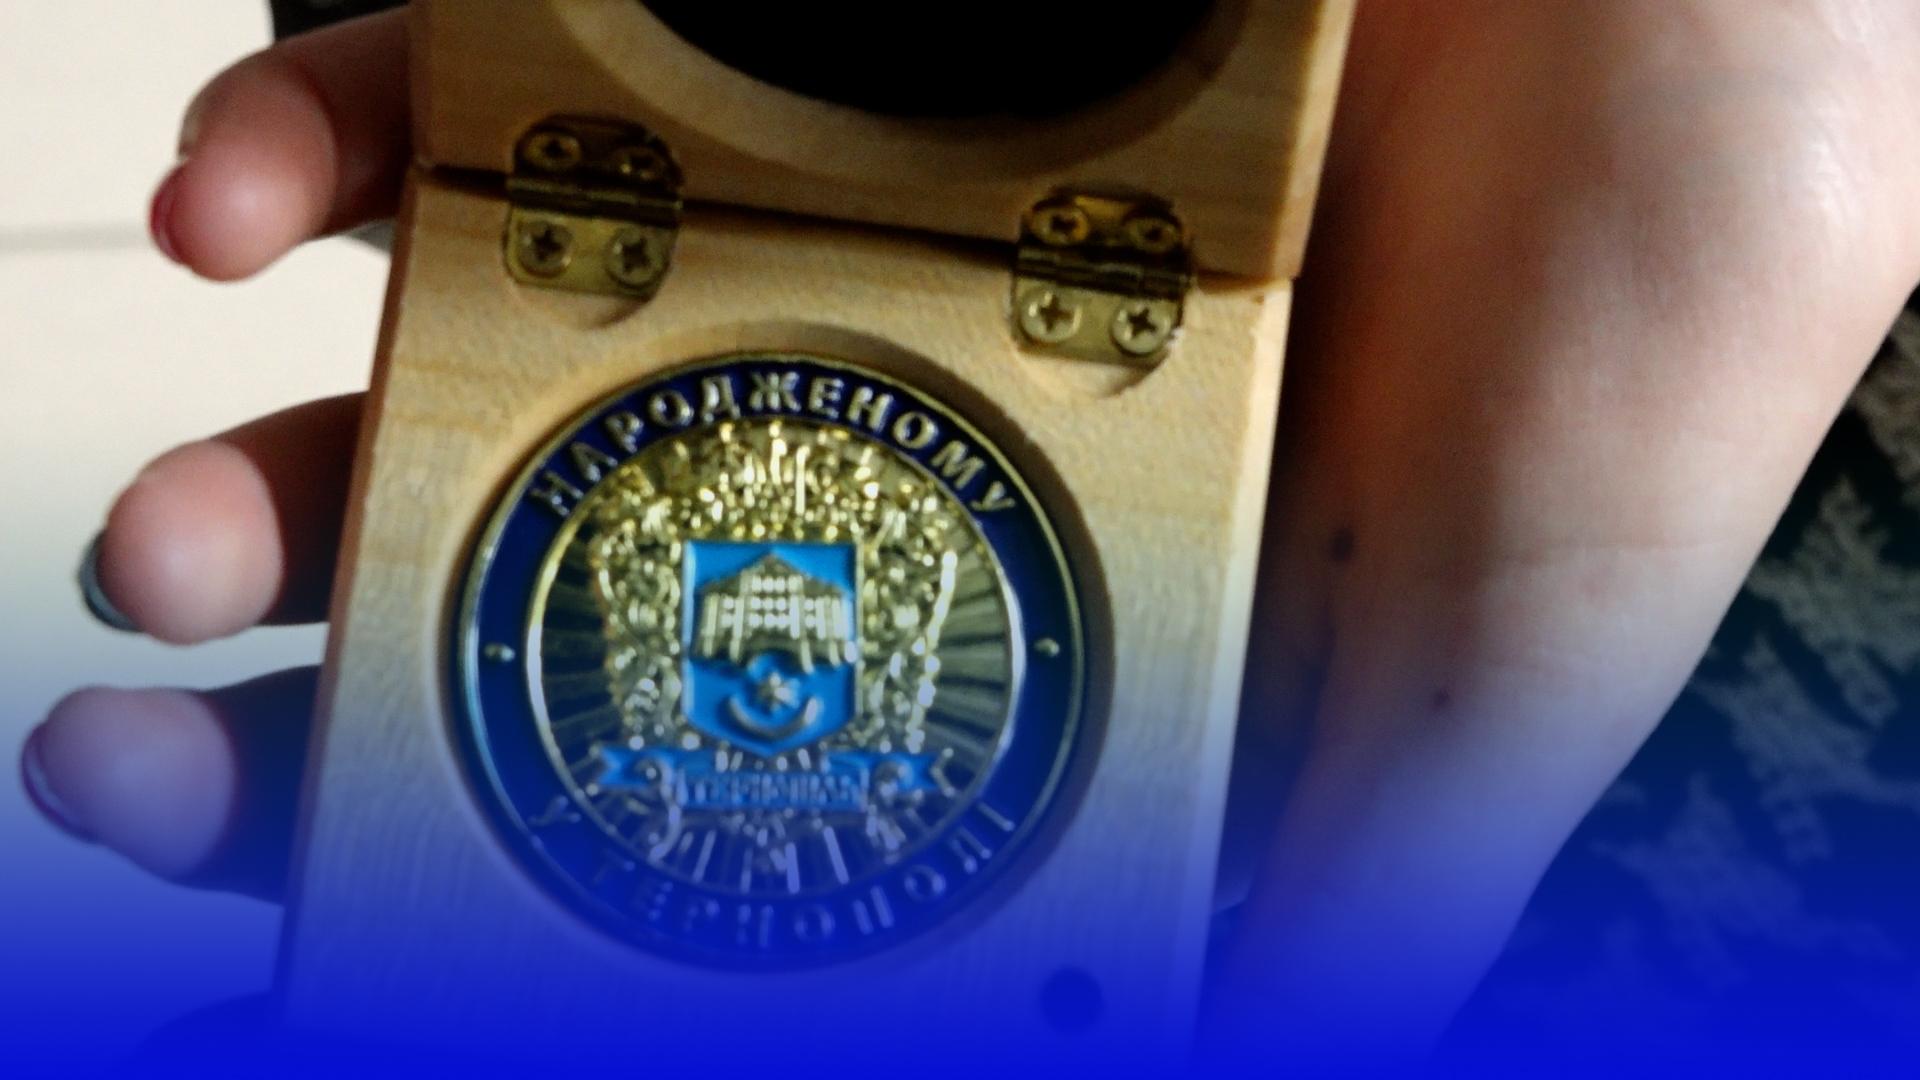 Тернополяни, народжені 15 квітня, тепер щороку будуть отримувати спеціальні сертифікати та медалі